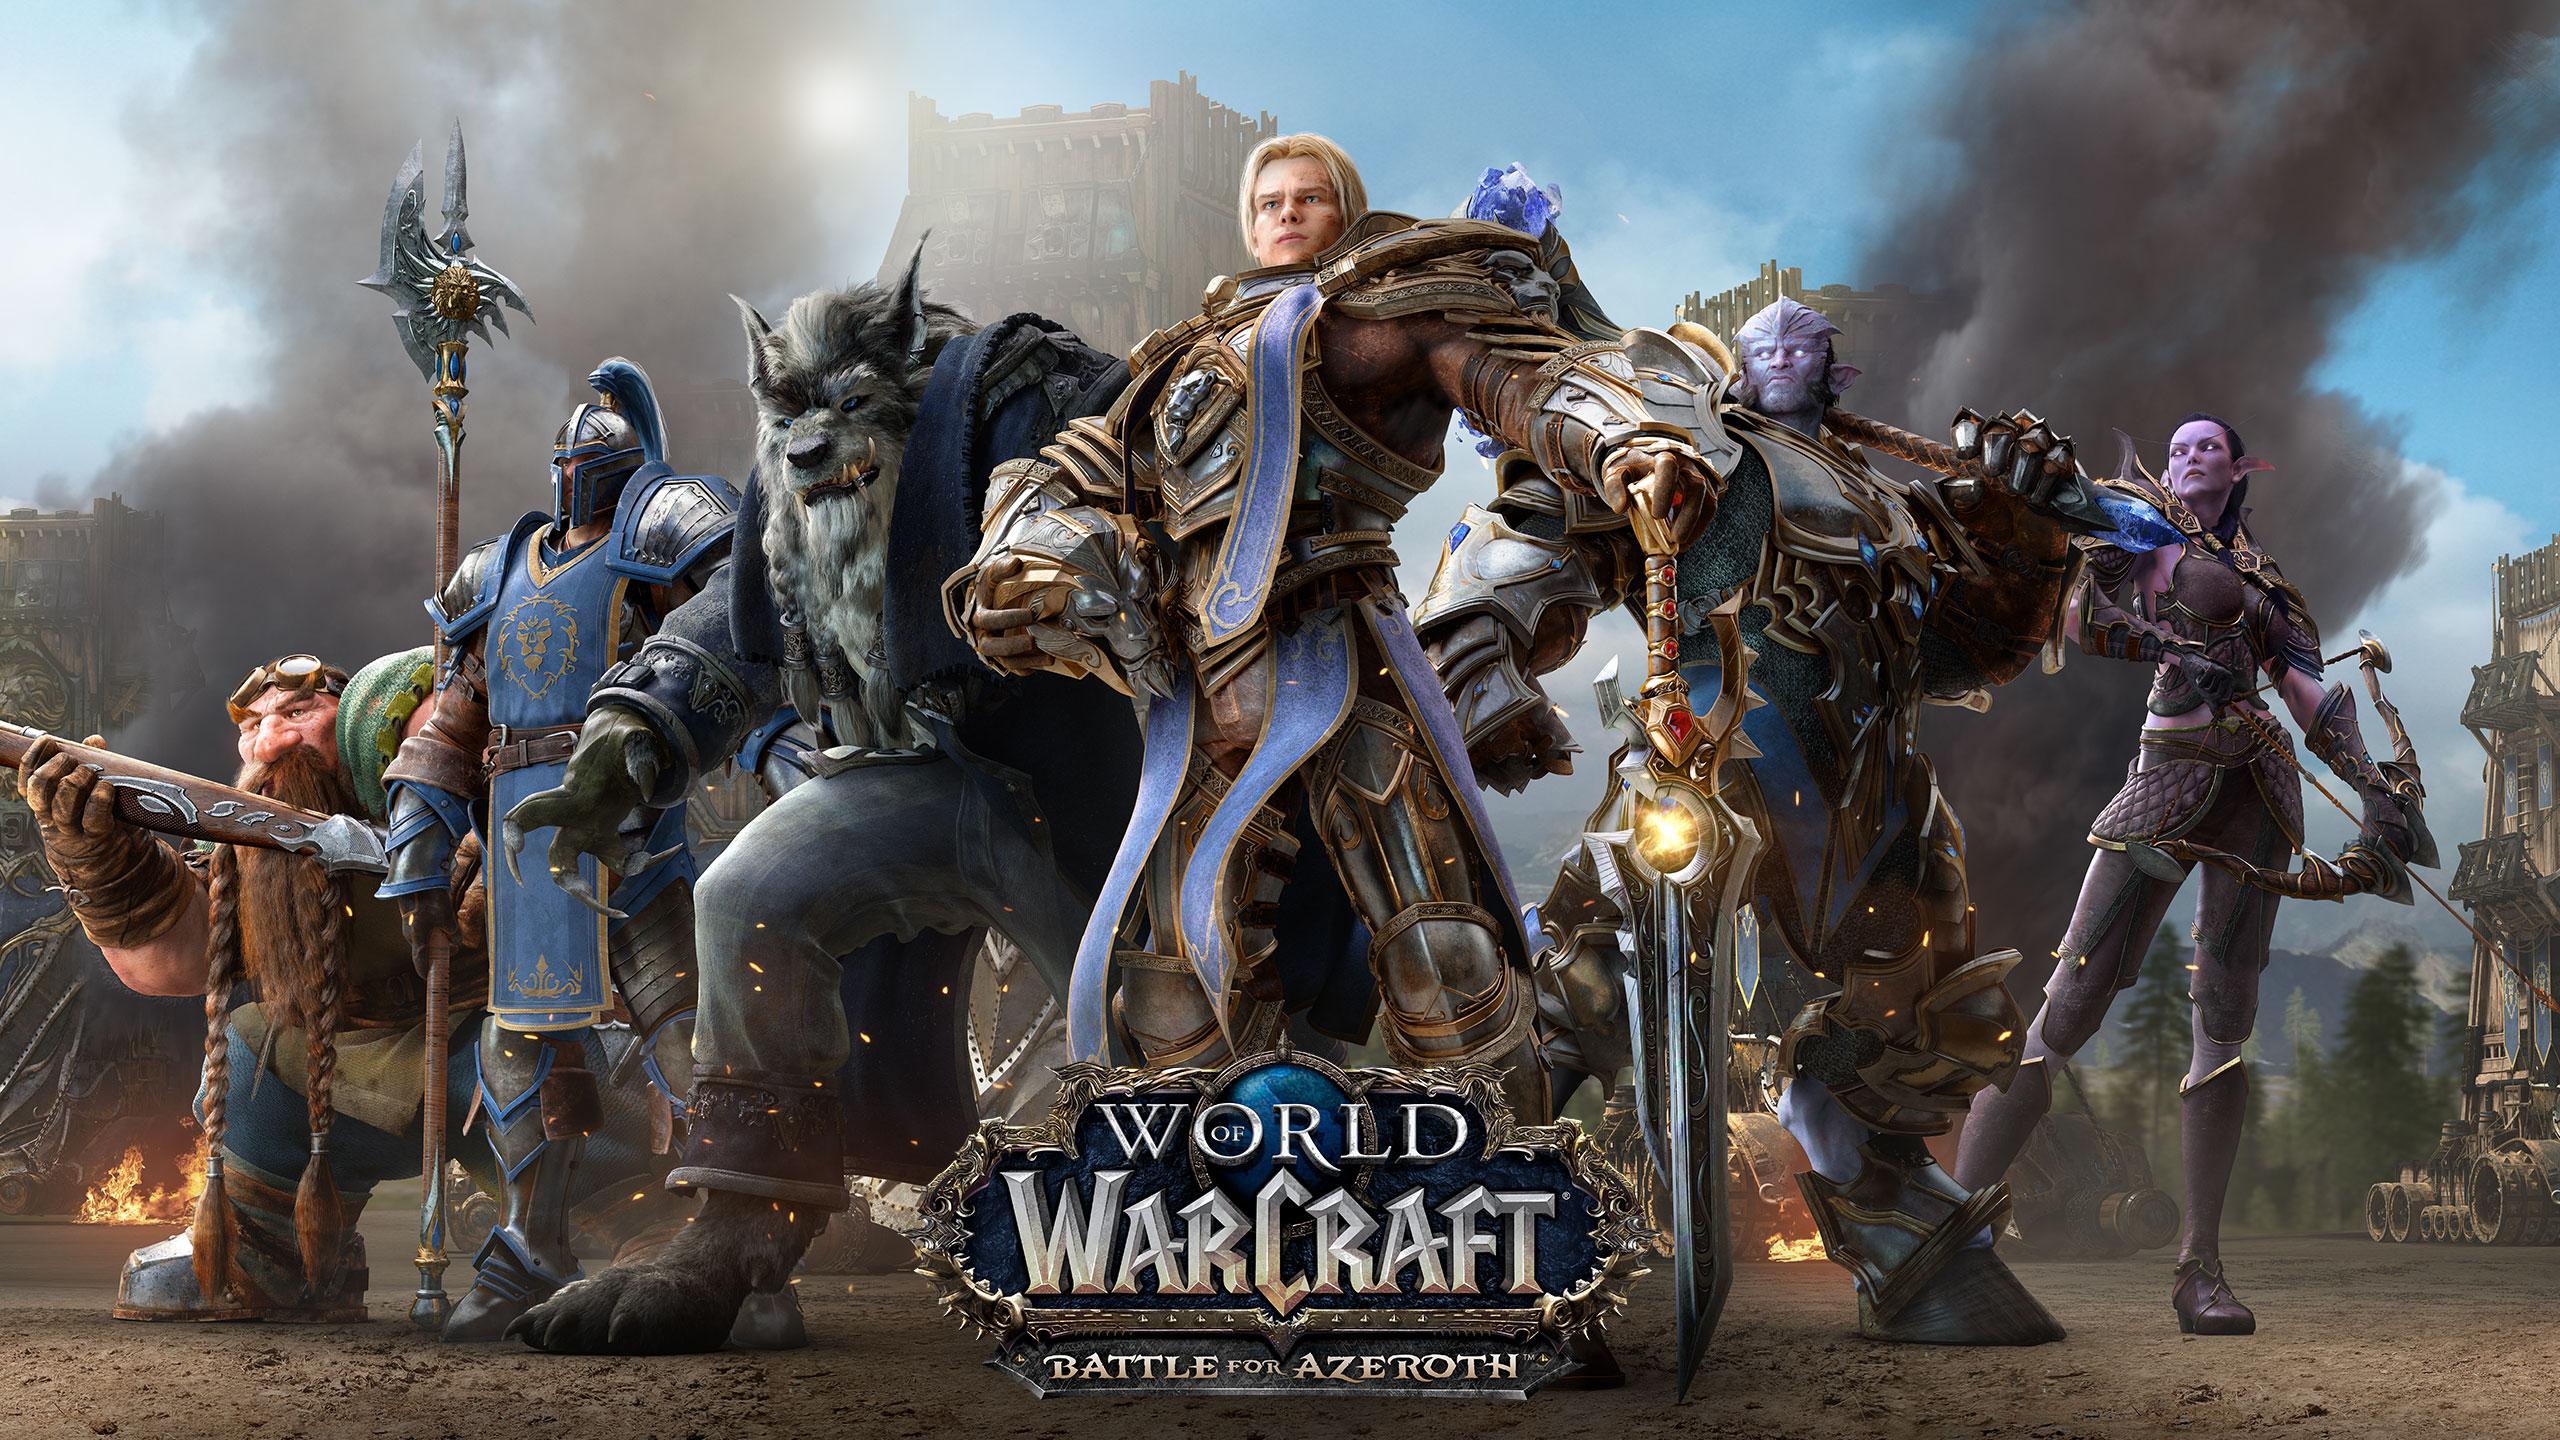 World of warcraft Альянс обои скачать